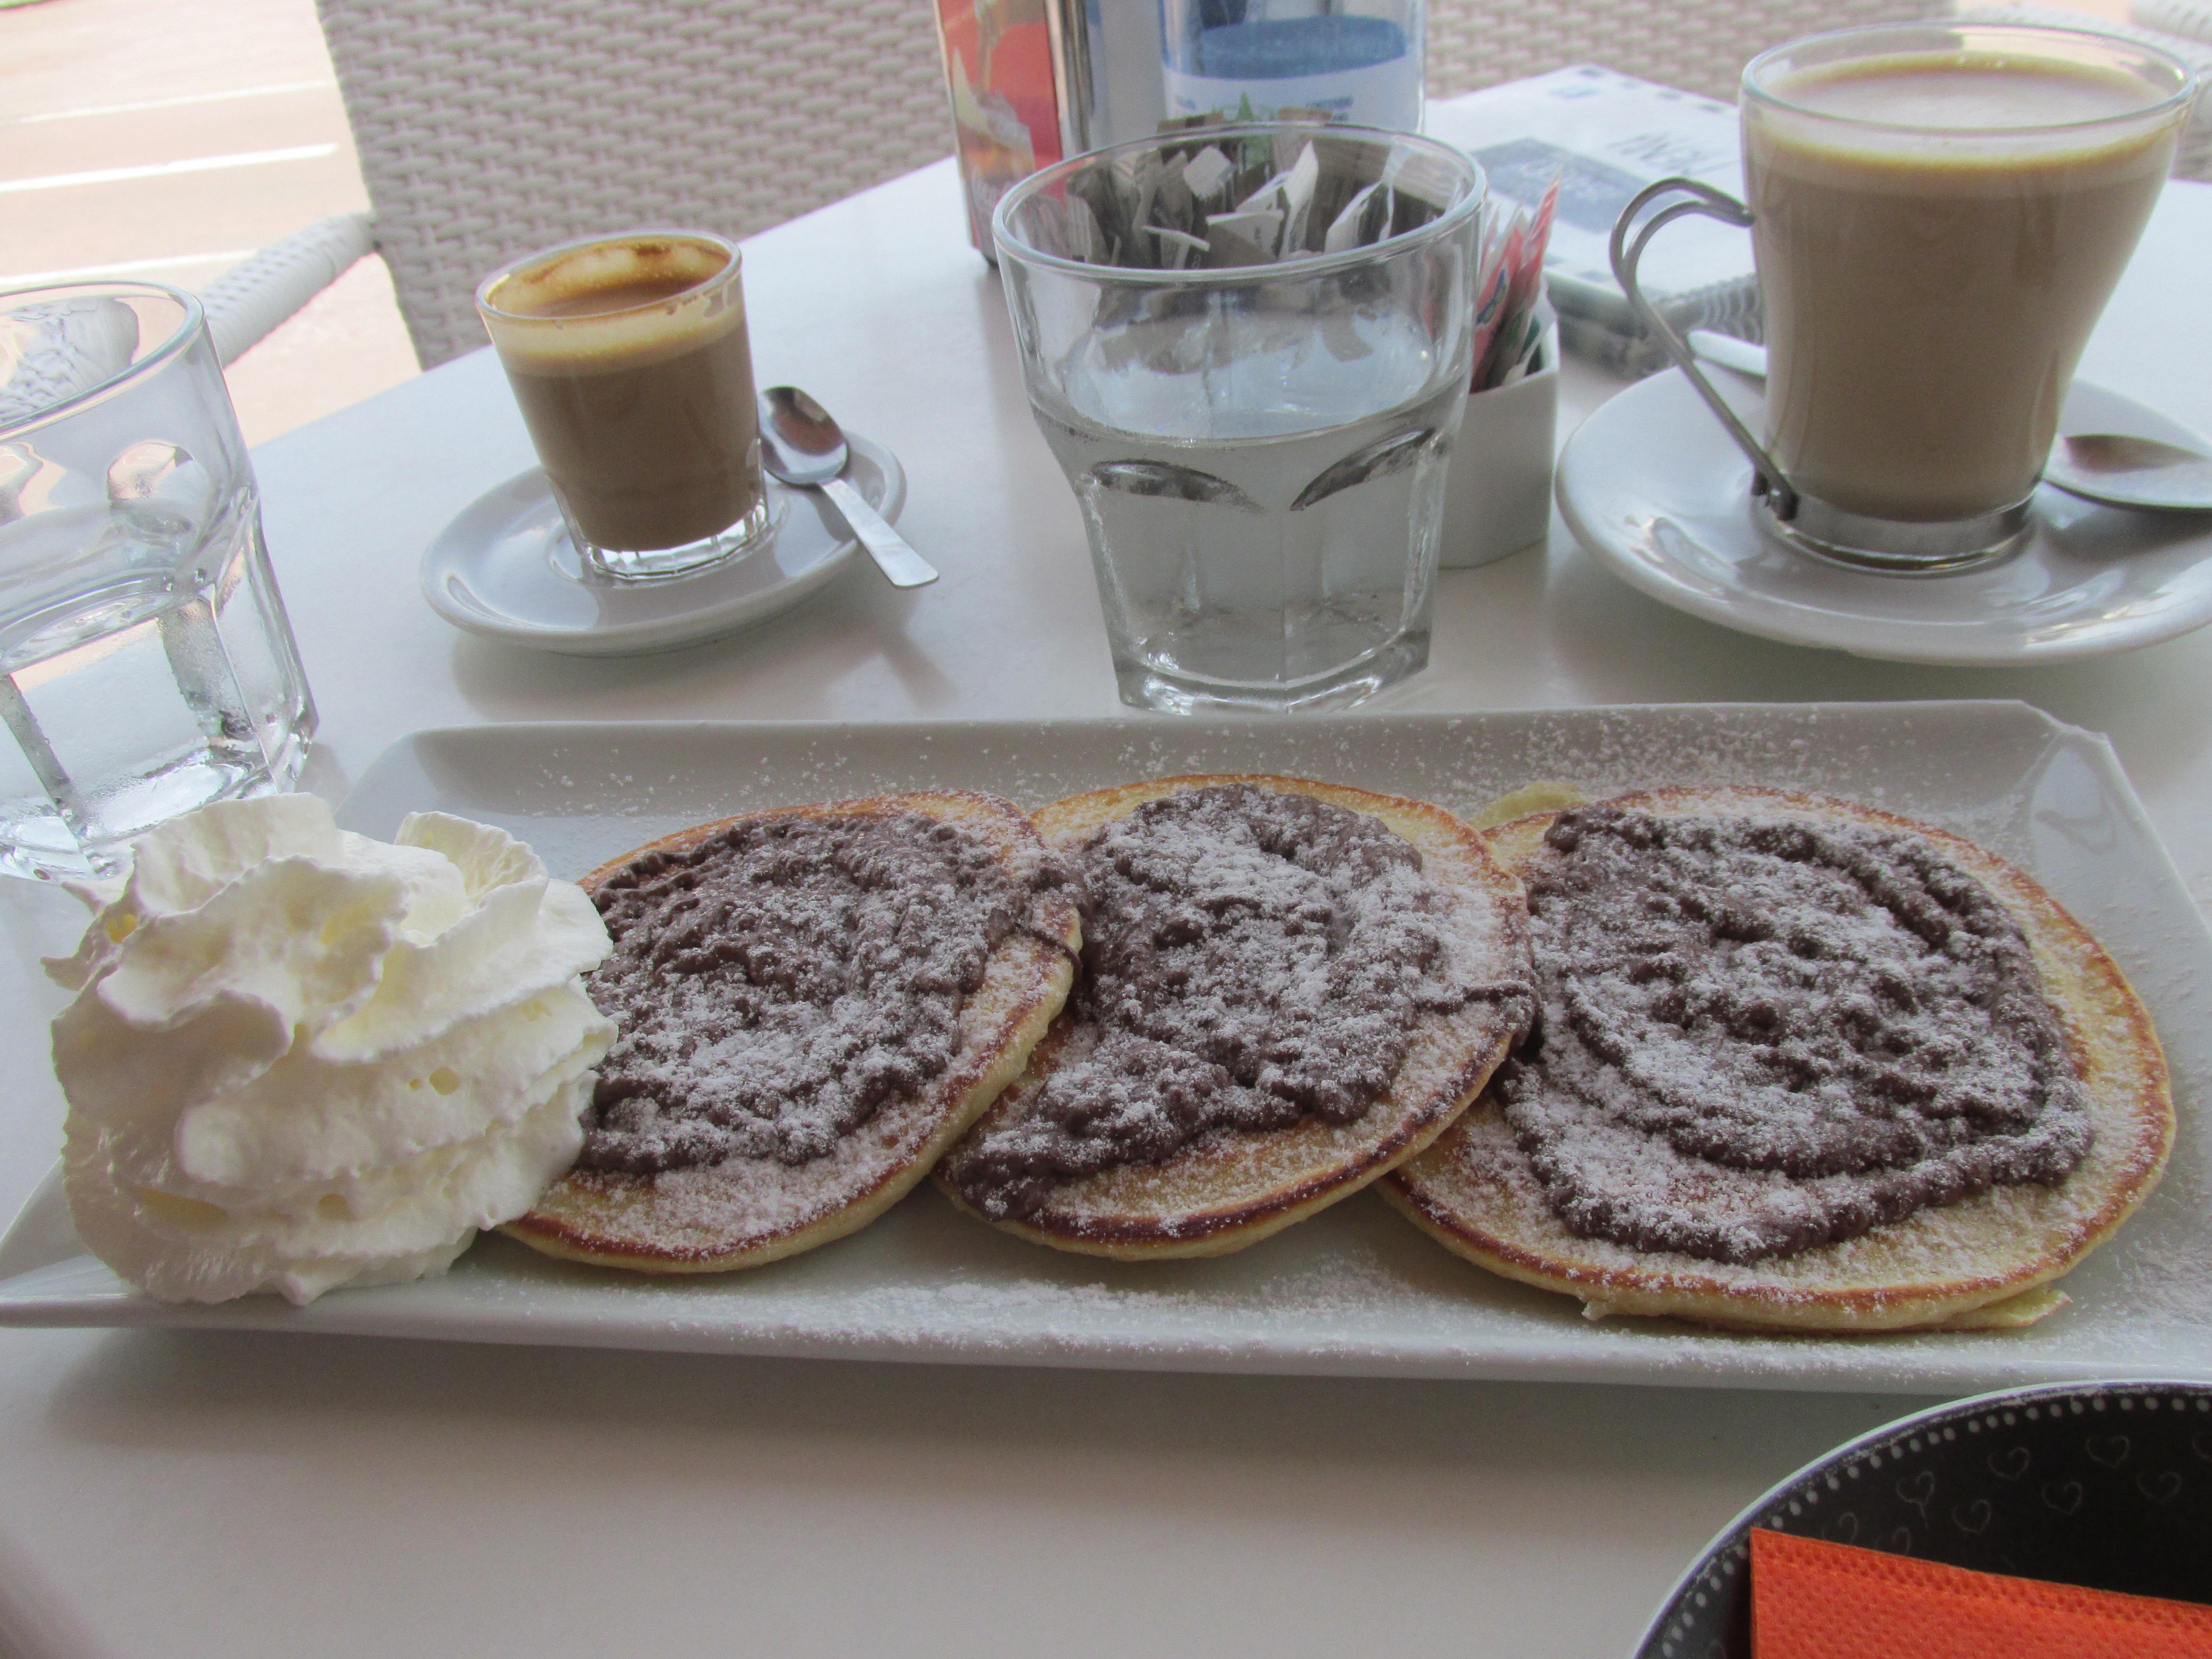 American pancakes met Nutella